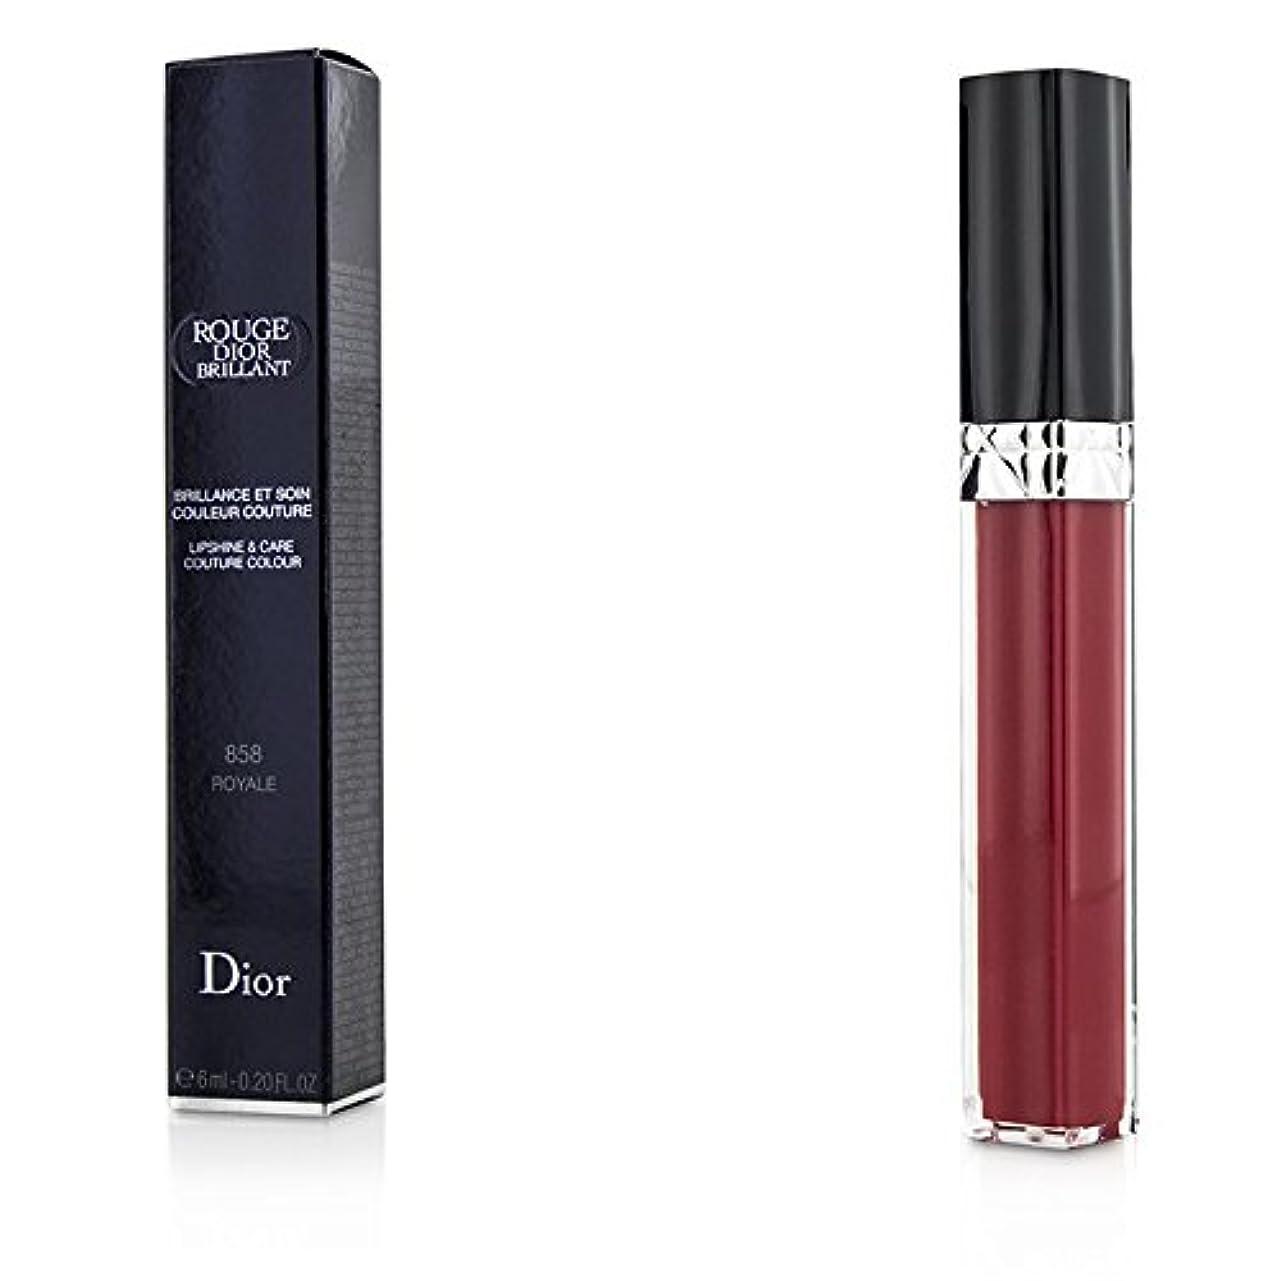 遠いアクセシブル中性クリスチャンディオール Rouge Dior Brillant Lipgloss - # 858 Royale 6ml/0.2oz並行輸入品